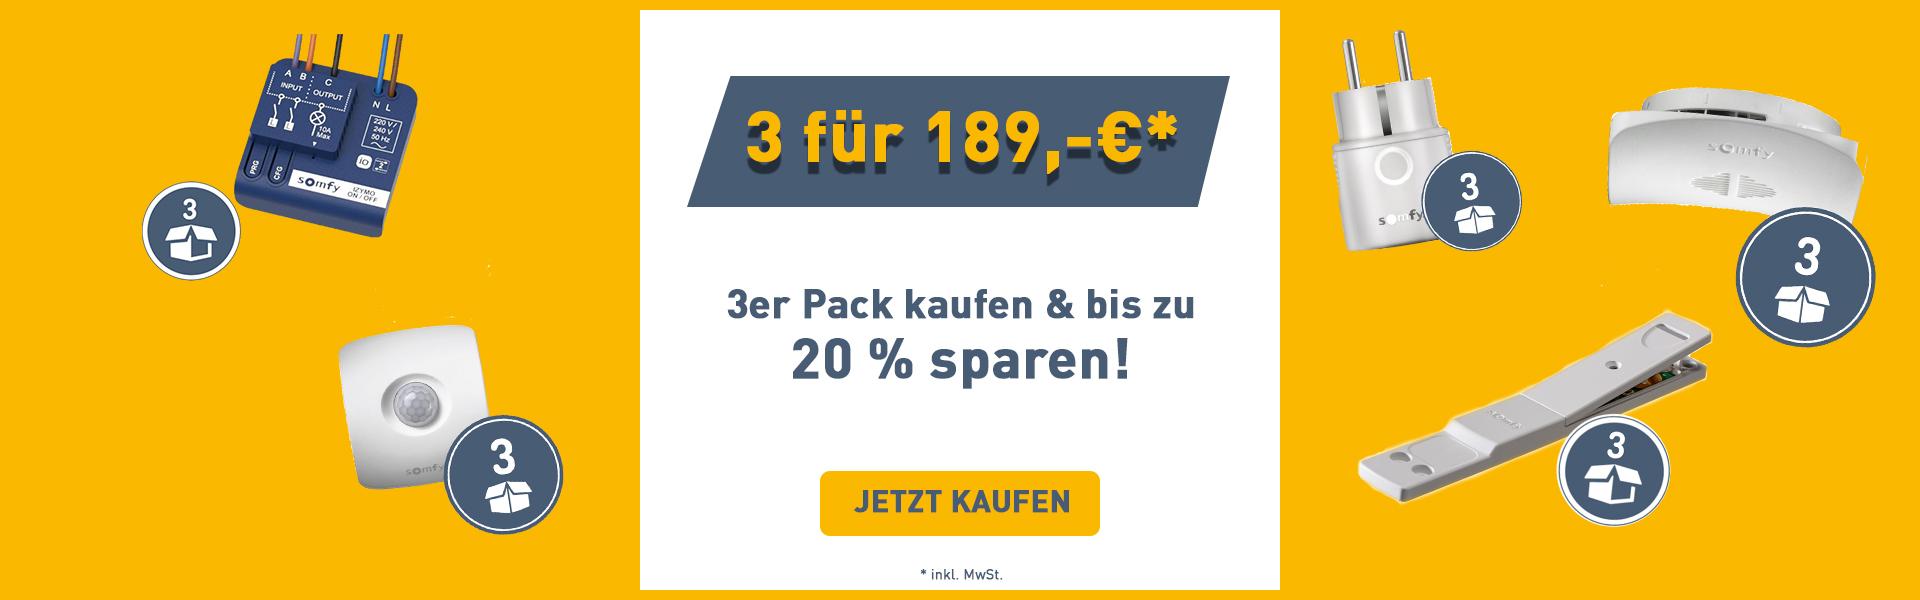 3er Pack kaufen & 20% sparen!